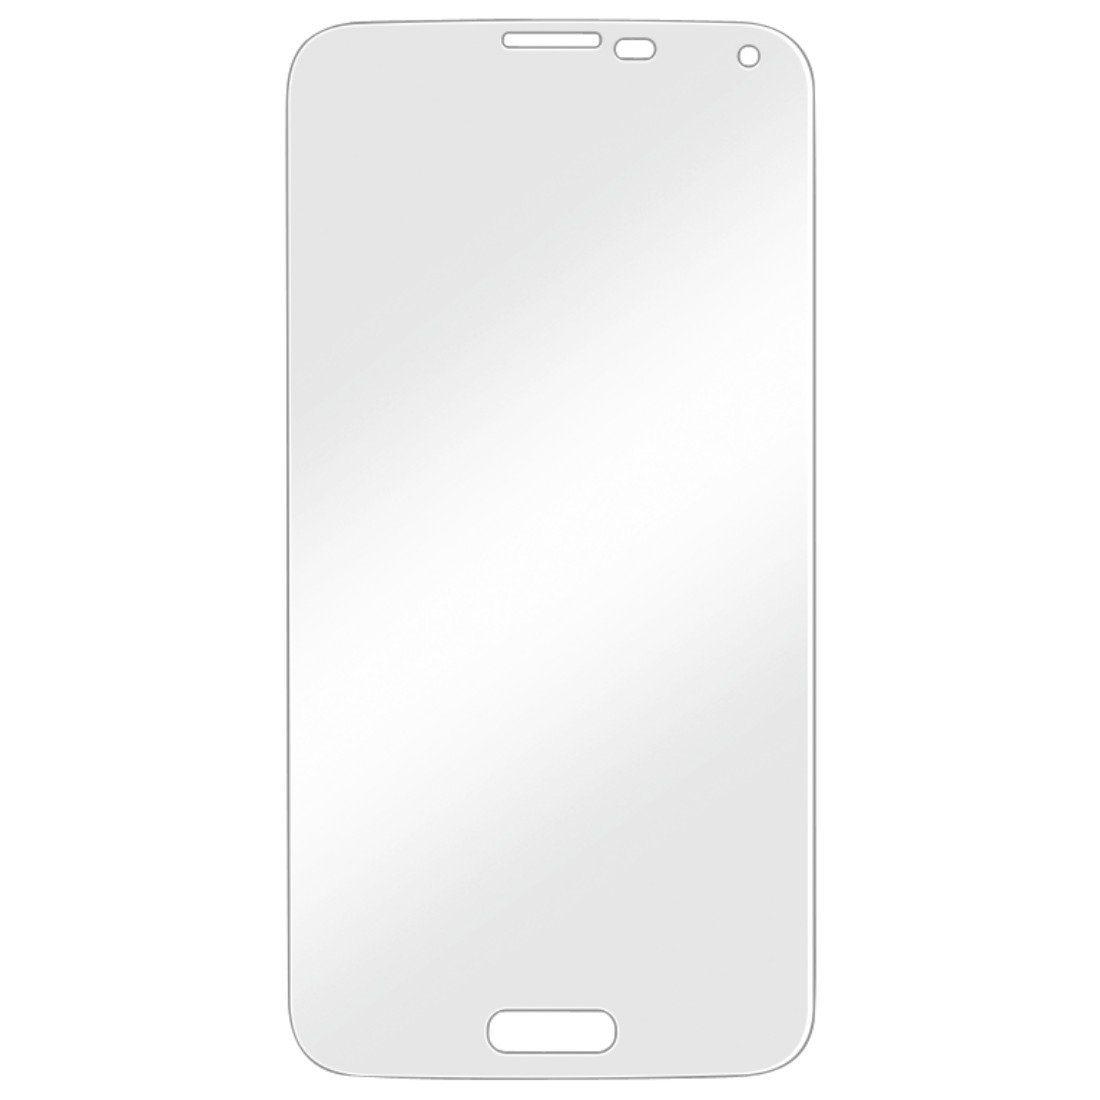 Hama Displayschutzfolie für Samsung Galaxy S5 (Neo), 2er Set »Displayschutz Schutzfolie«